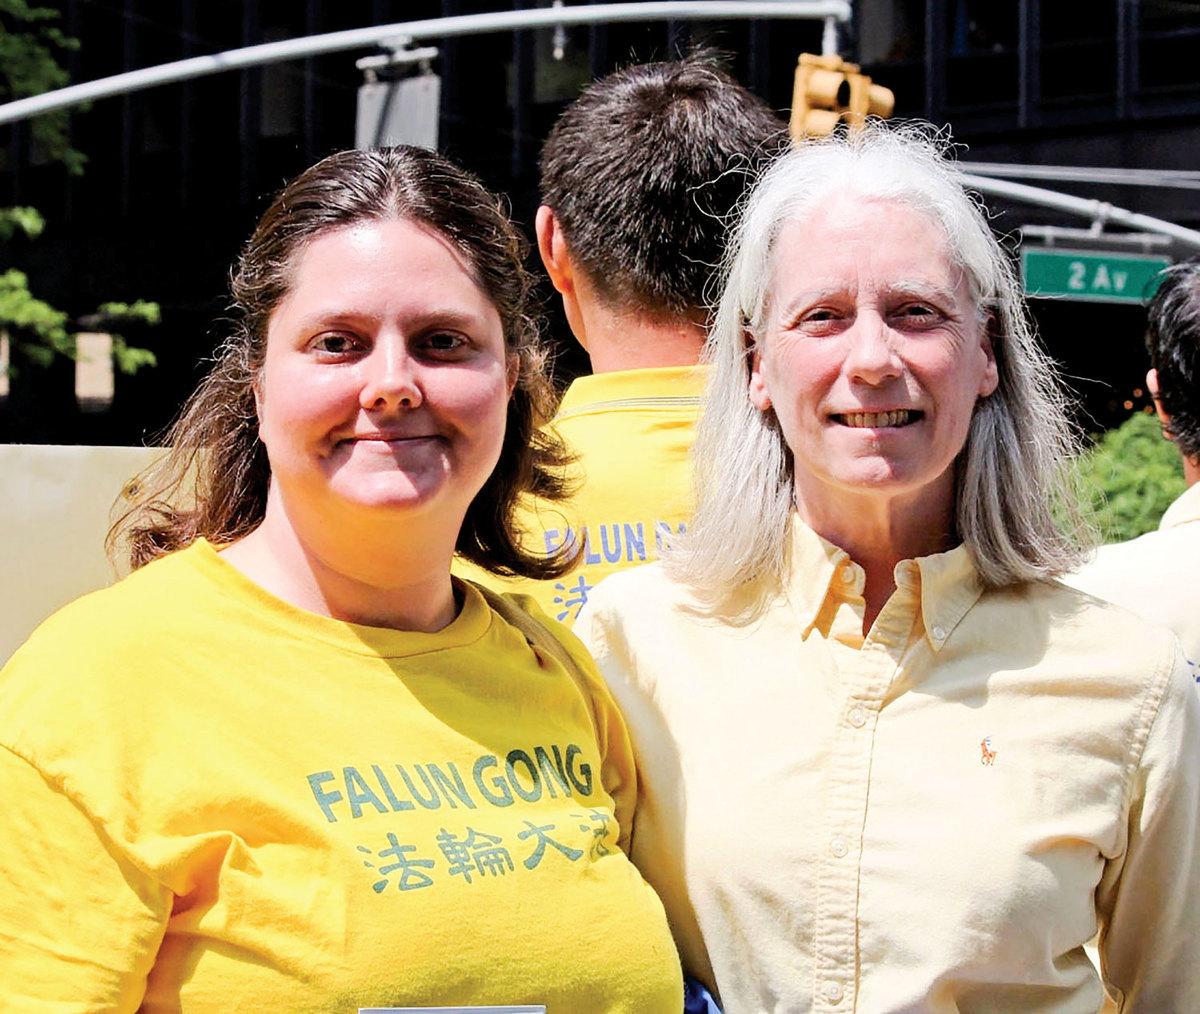 安恩(右)和費城法輪功學員珍妮一同在紐約參加2015年慶祝世界法輪大法日遊行集會活動,傳播真相。(明慧網)